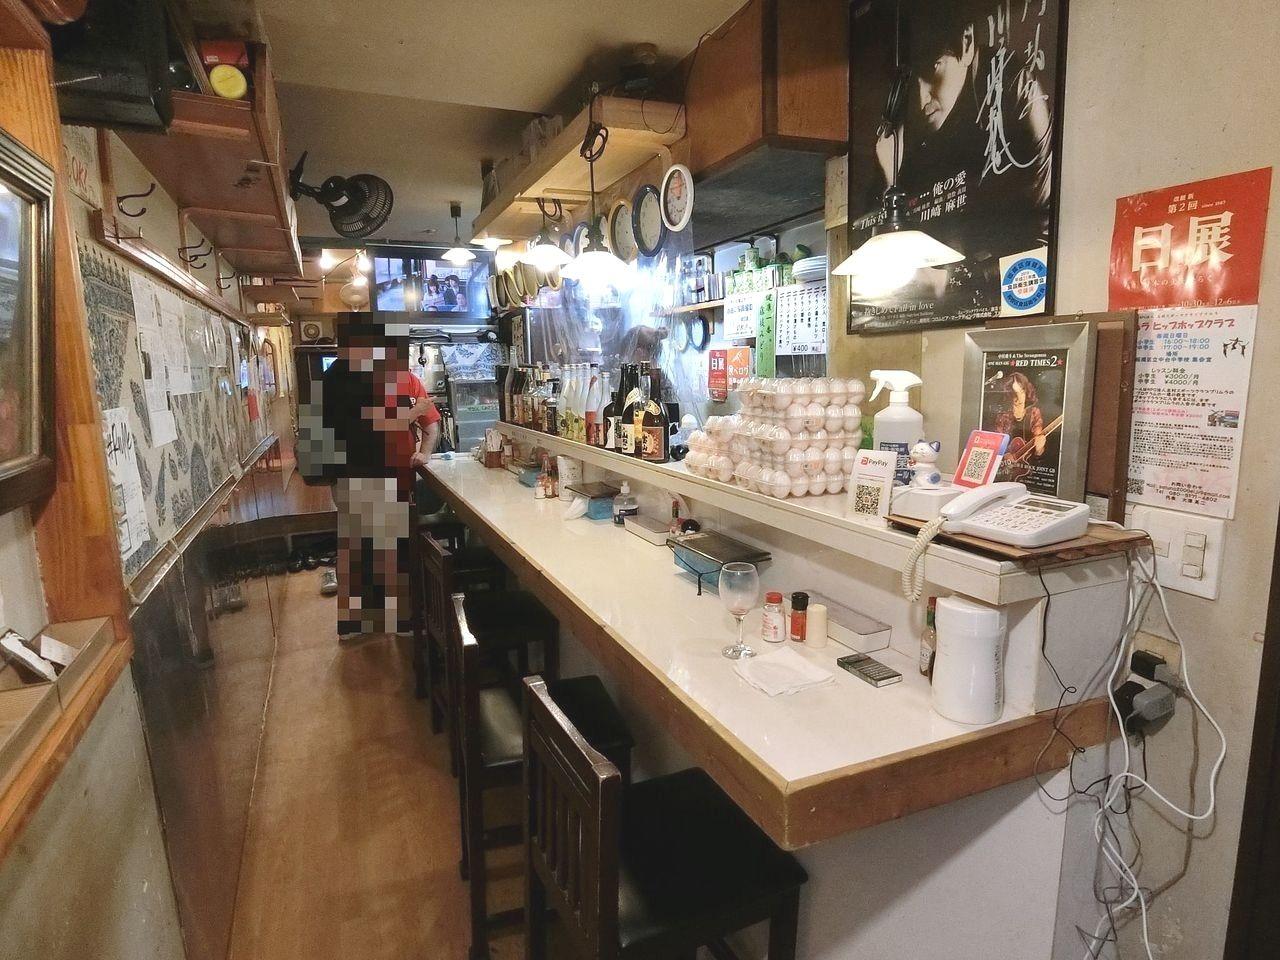 板橋区上板橋の居酒屋「花門」